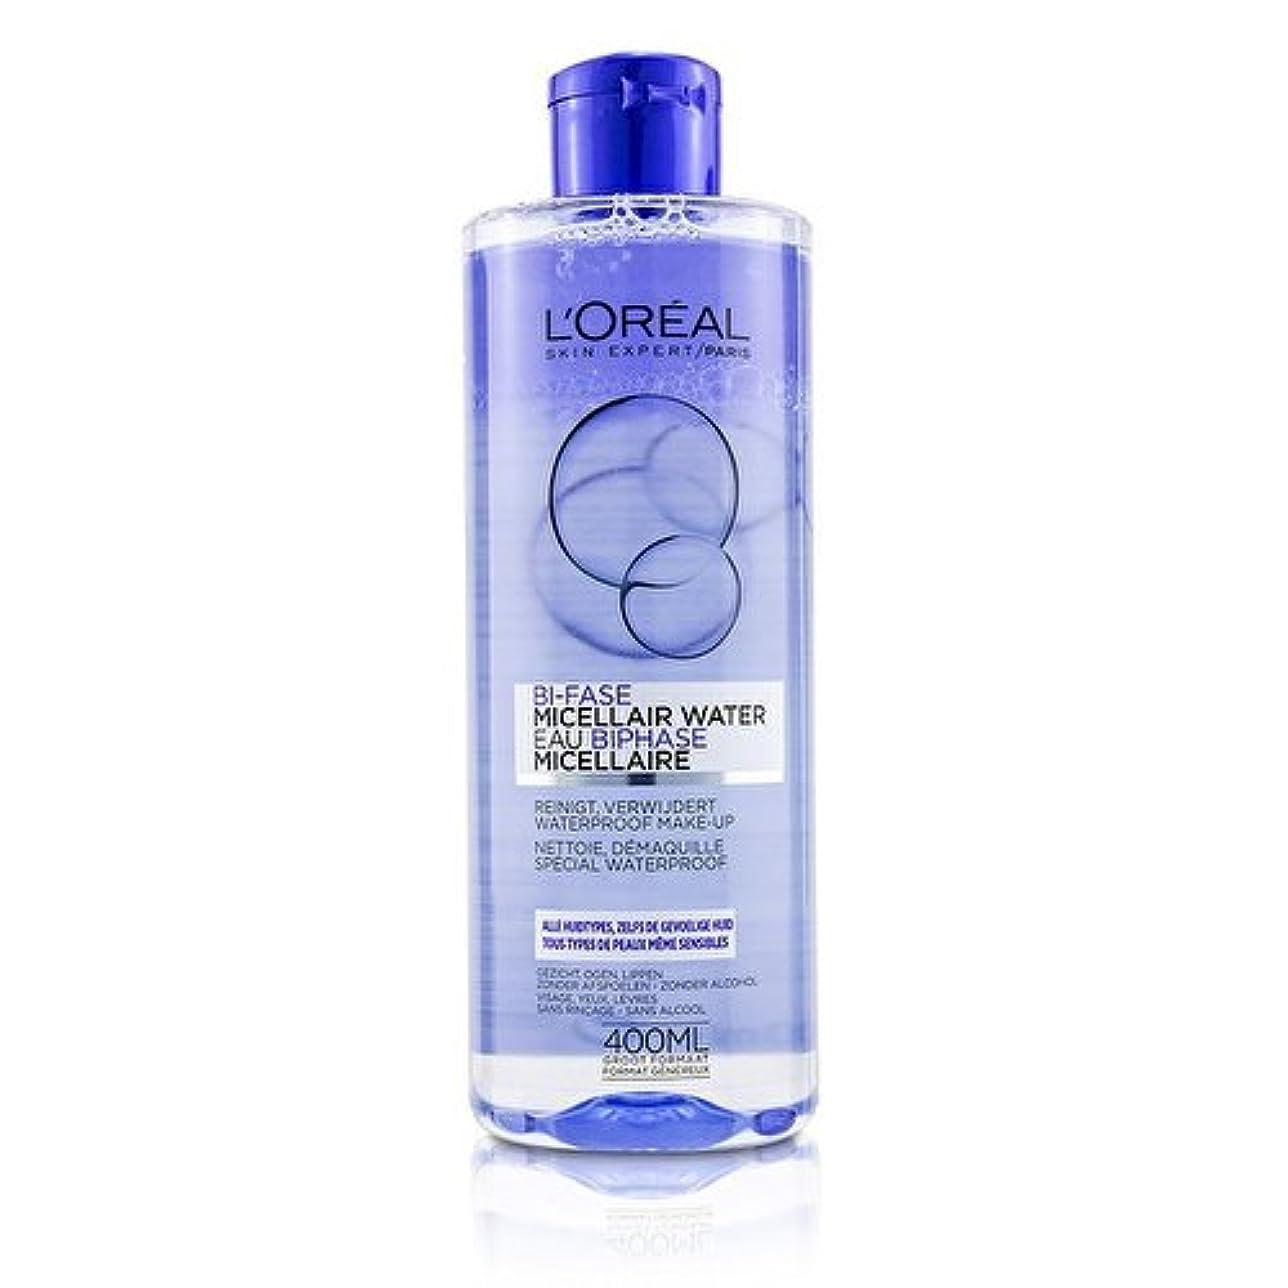 副対立備品ロレアル Bi-Phase Micellar Water (Bi-Fase Micellair Water) - For All Skin Types, even Sensitive Skin 400ml/13.3oz並行輸入品